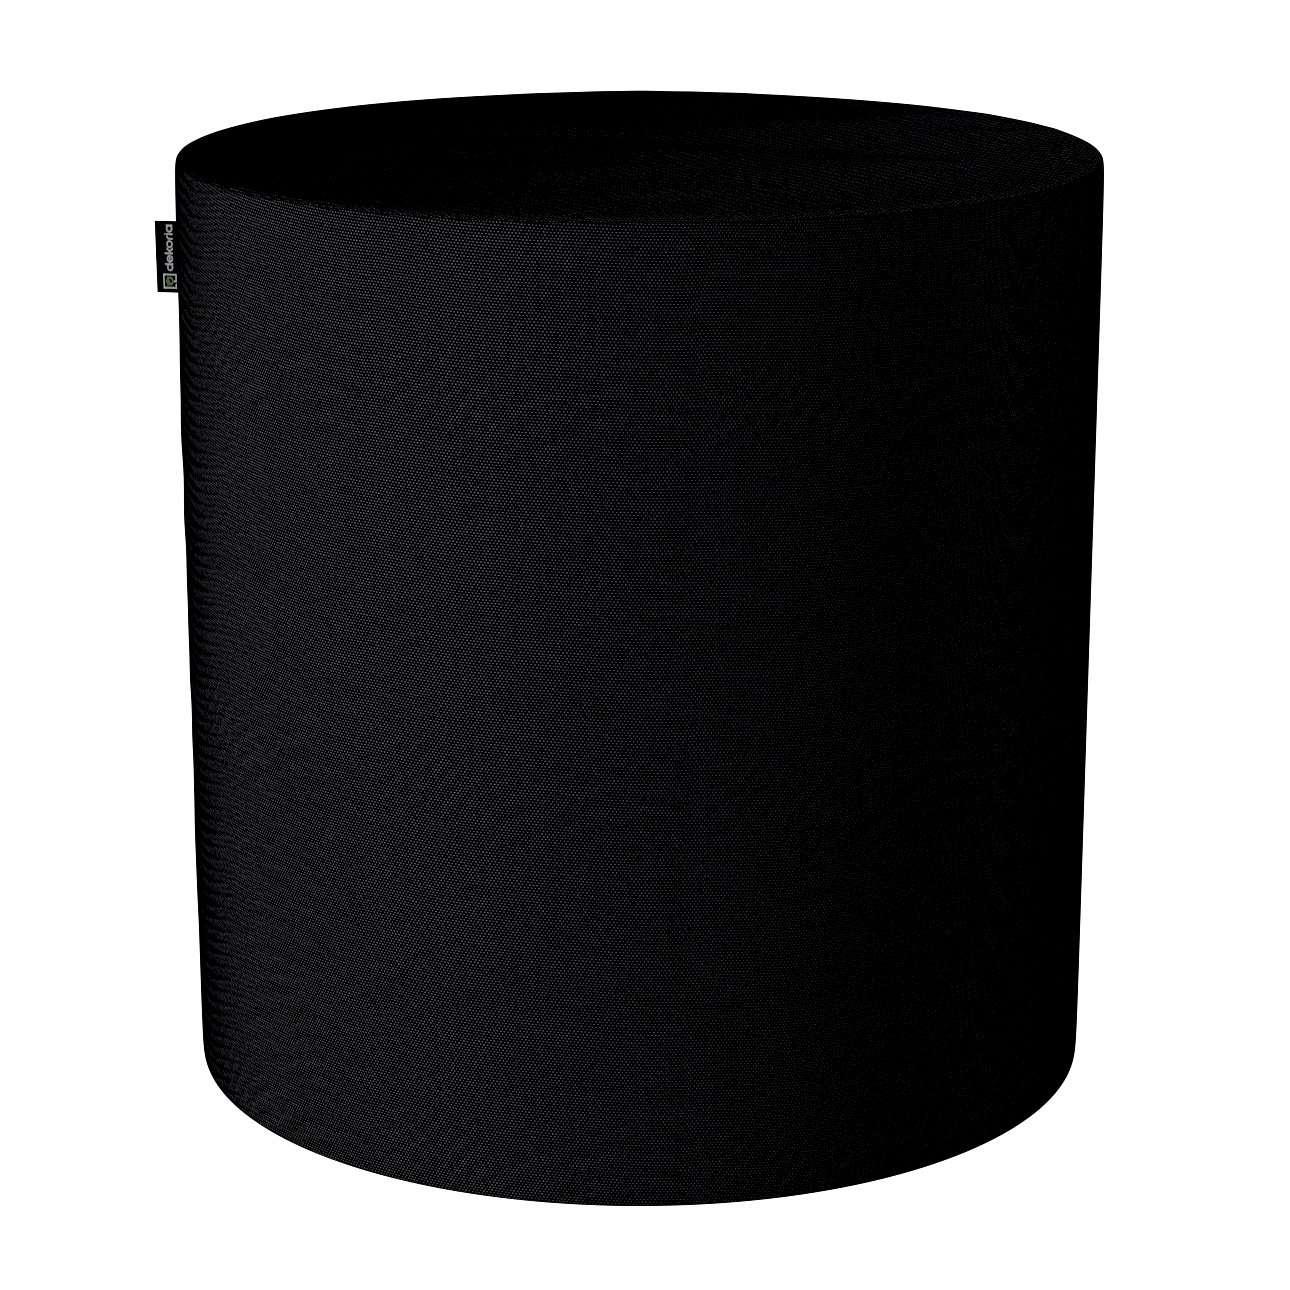 Pouf Barrel, schwarz, ø40 × 40 cm, Etna (705-00) günstig online kaufen